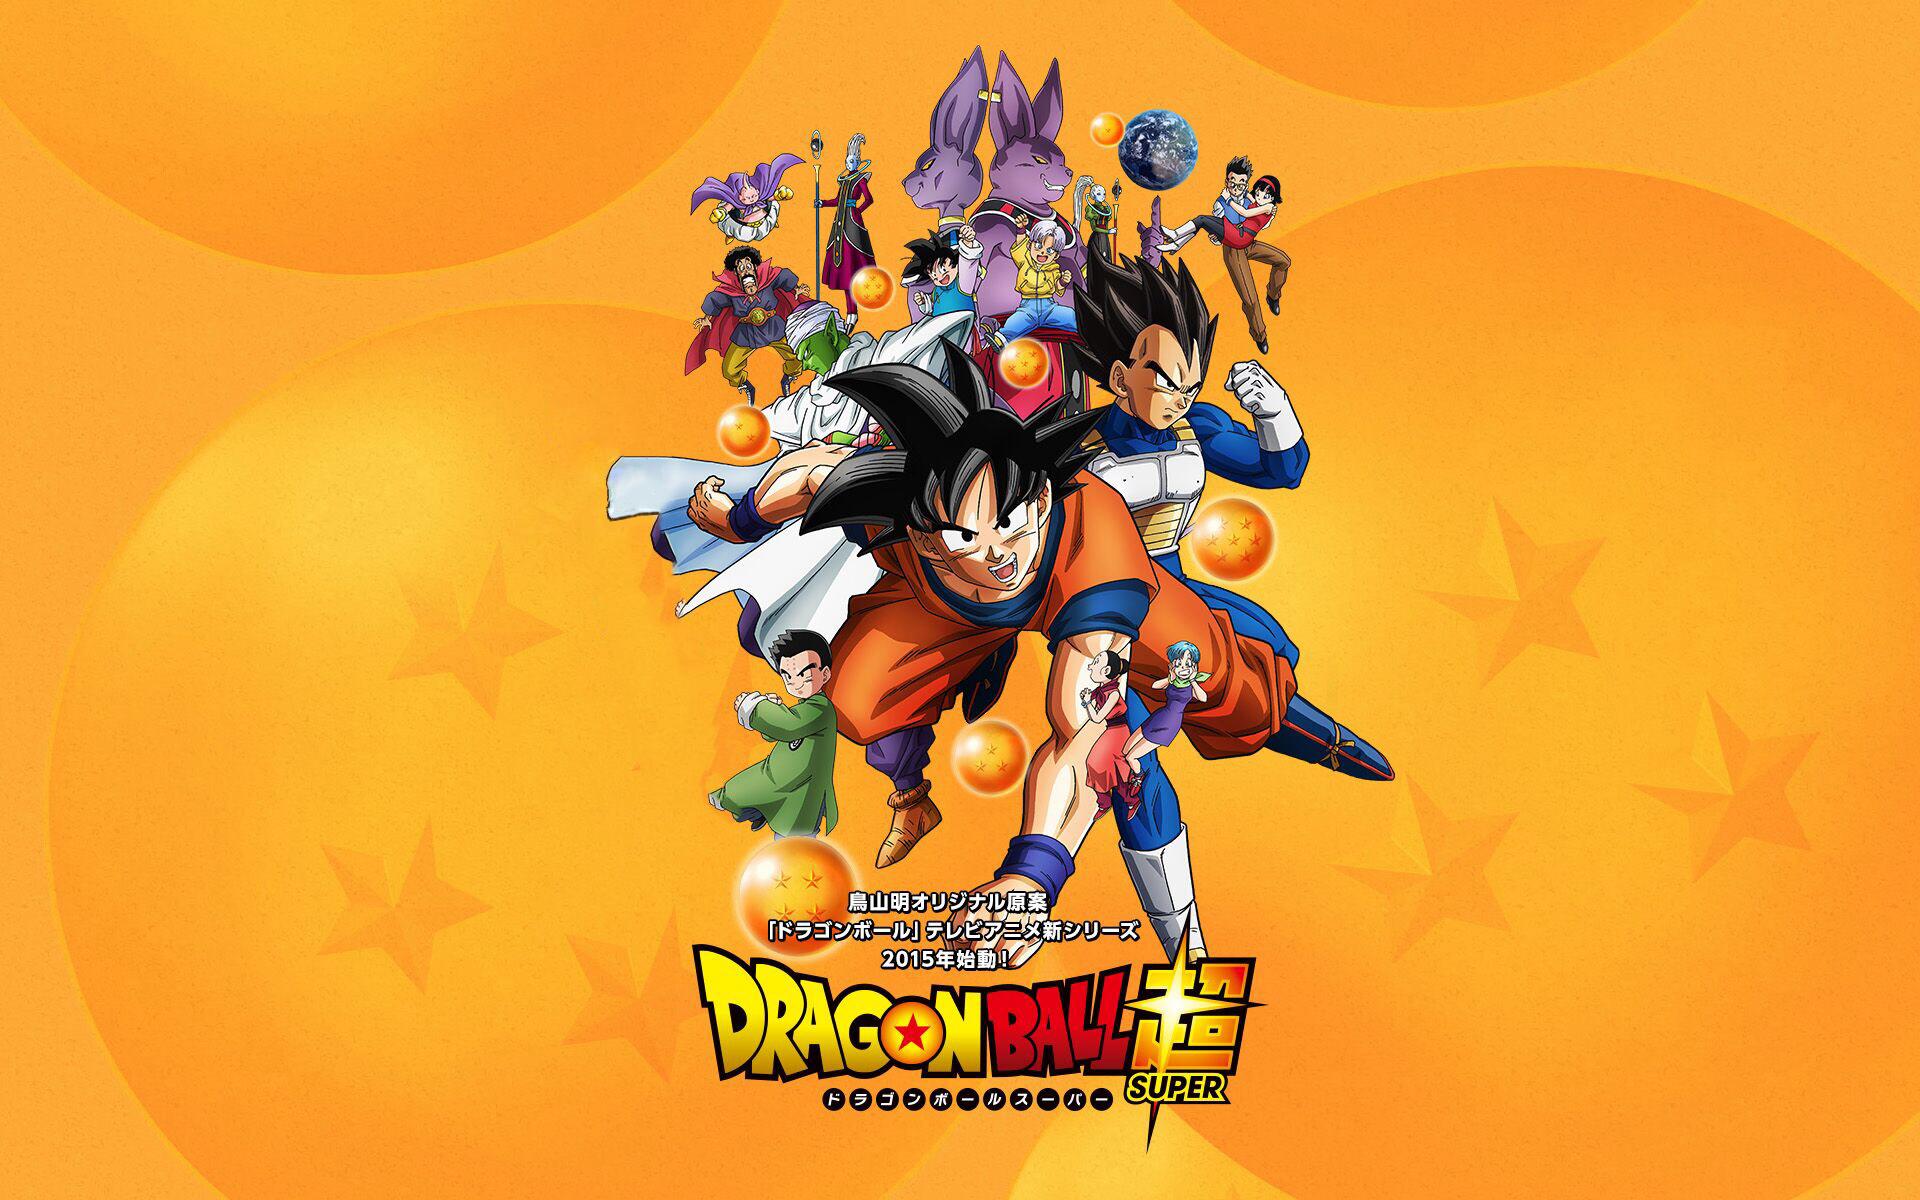 103 Fondos de Dragon Ball Super, Wallpapers Dragon Ball Z Super Gratis